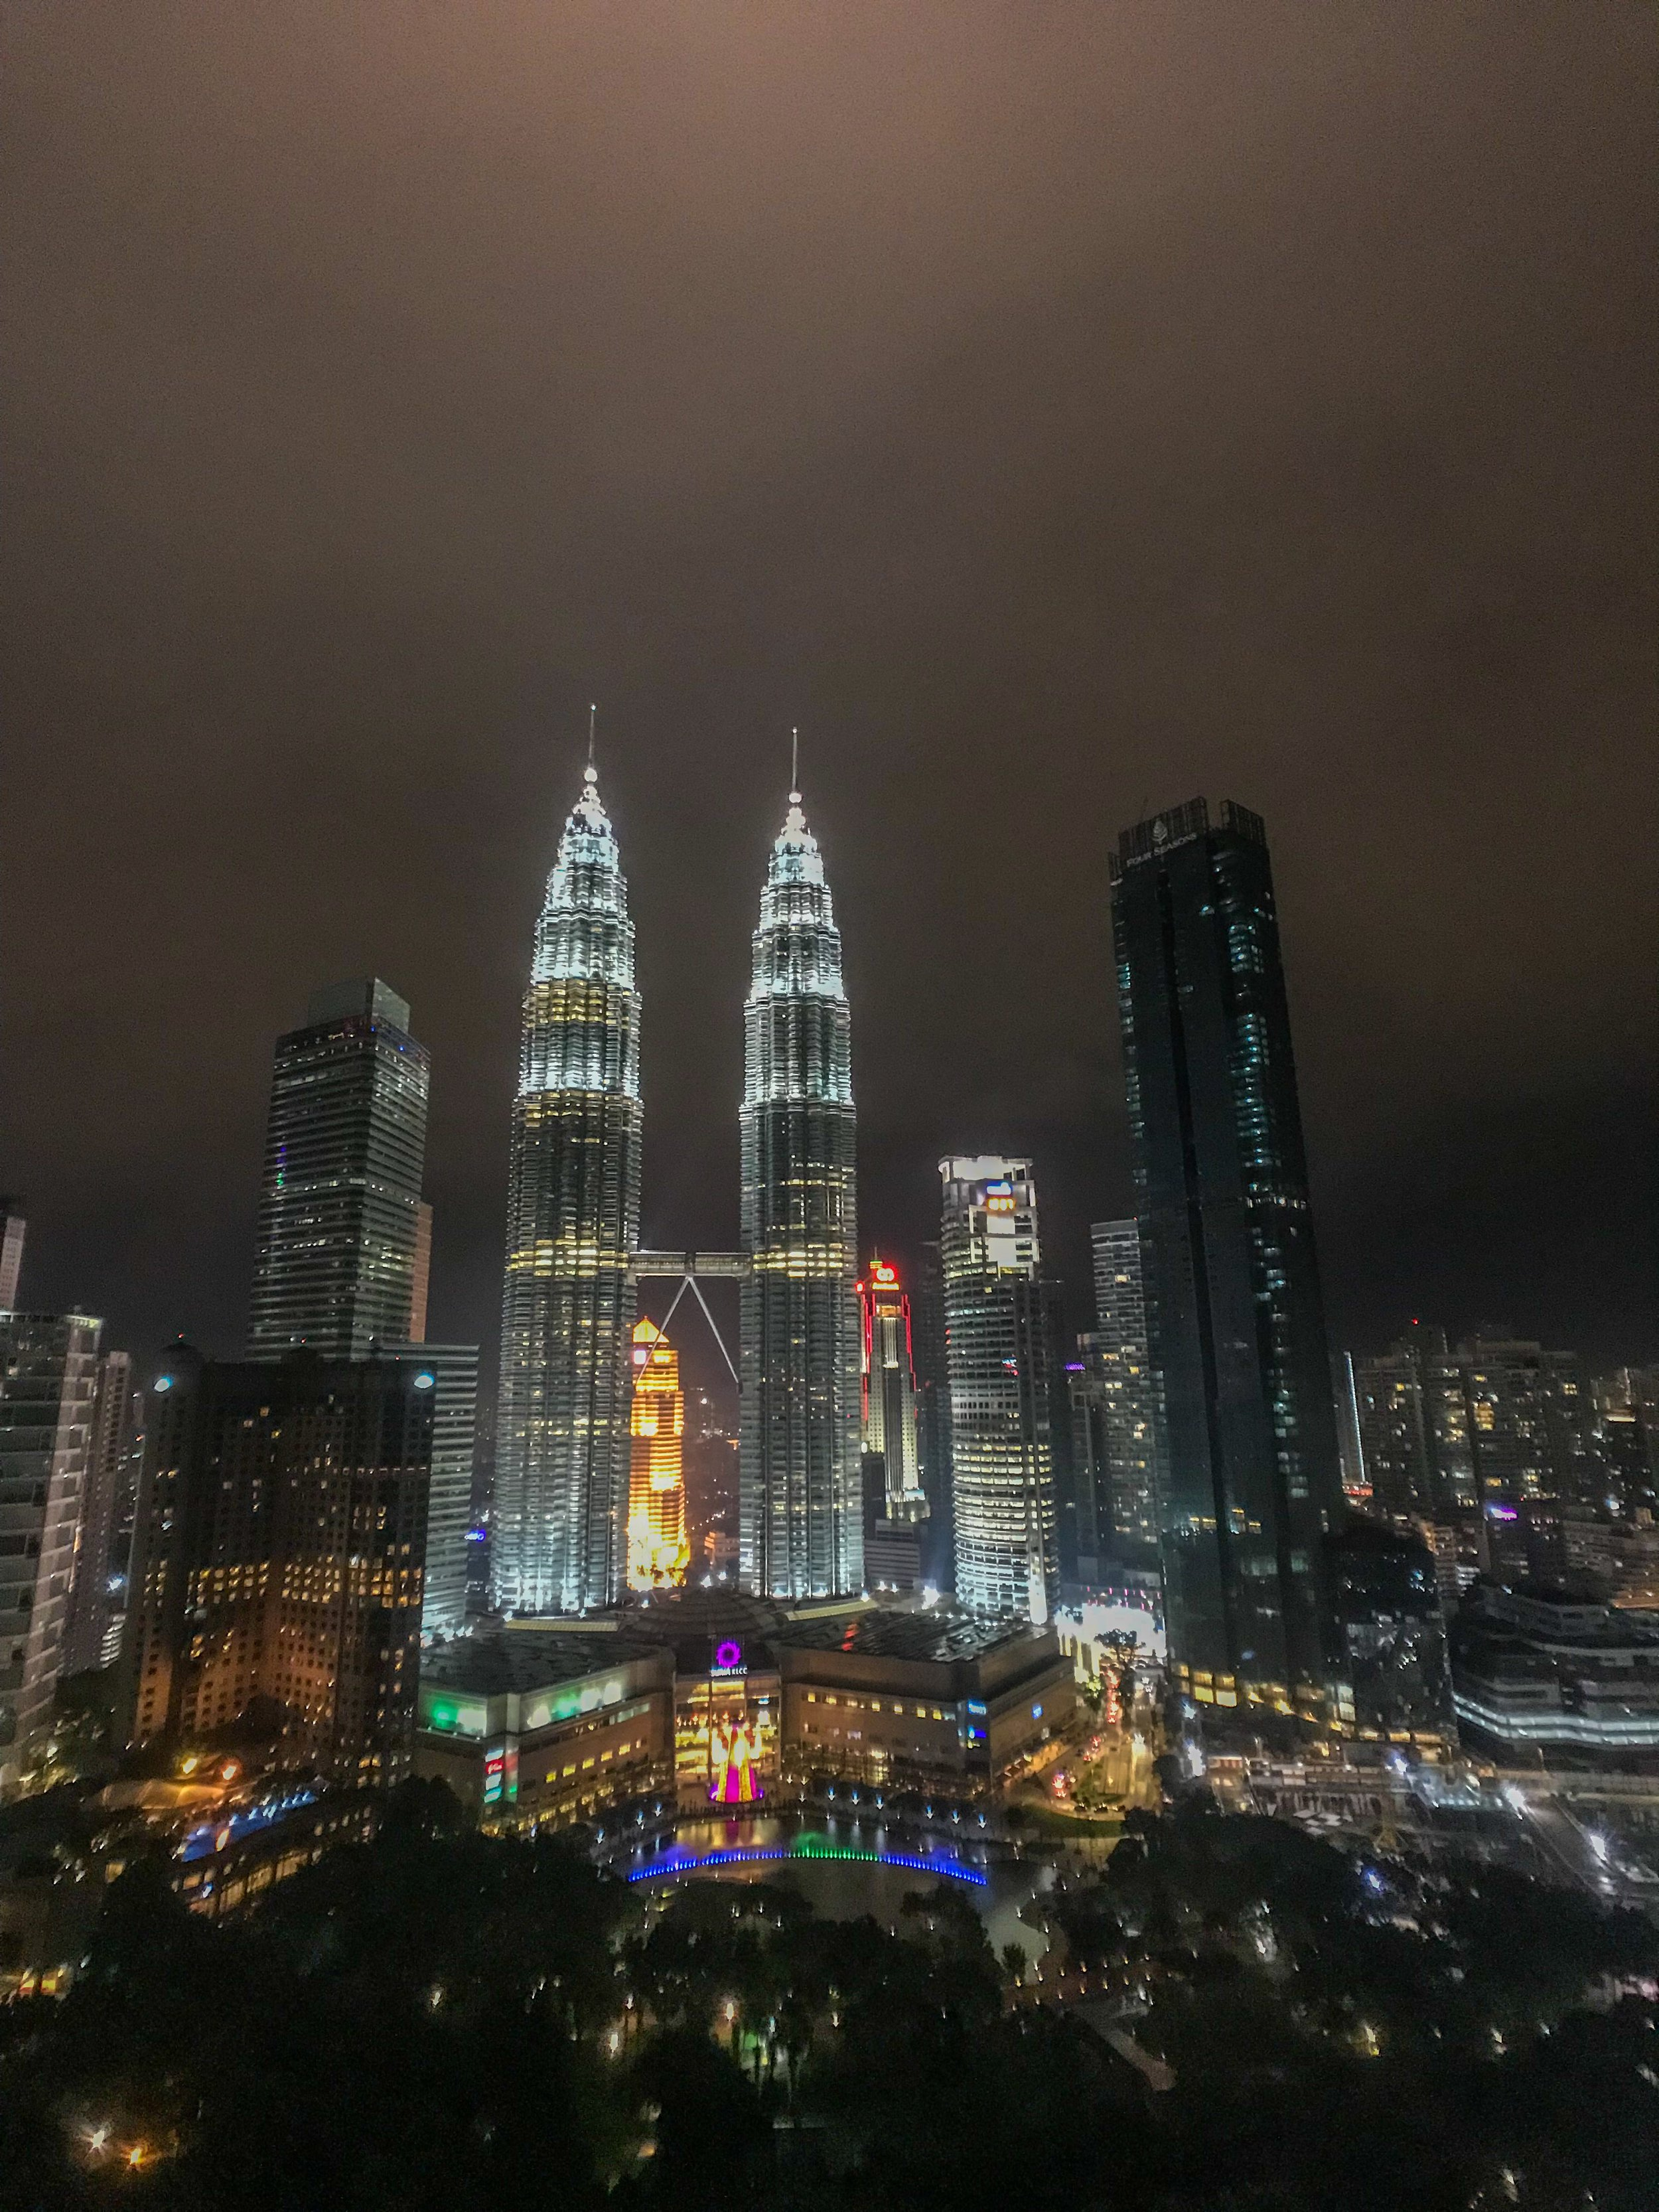 KL Towers in Kuala Lumpur